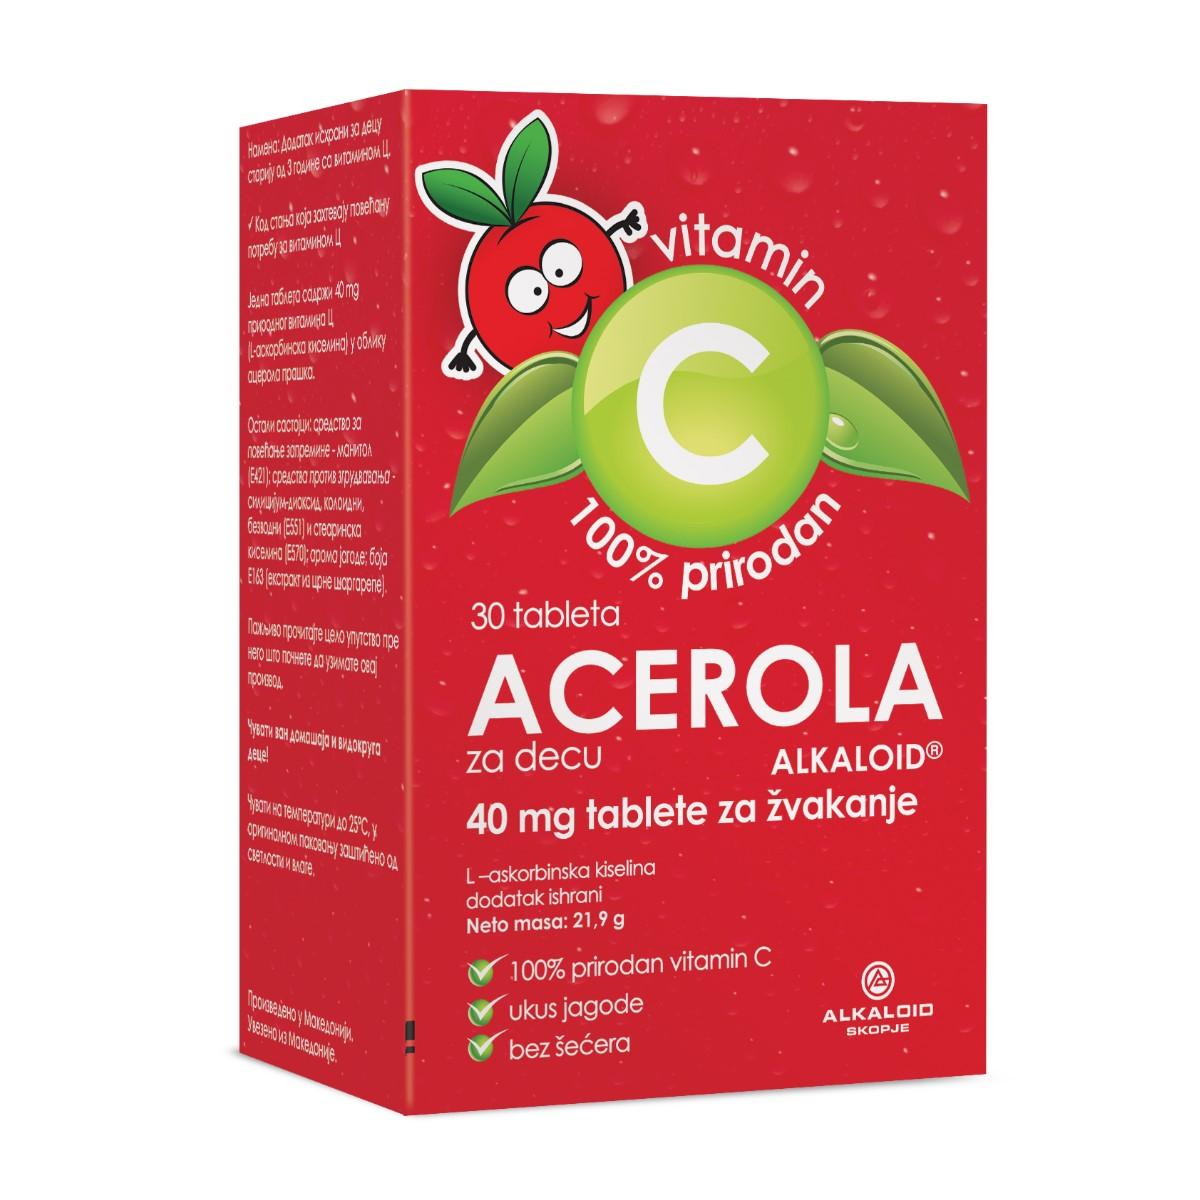 ACEROLA tableta 30x40 mg